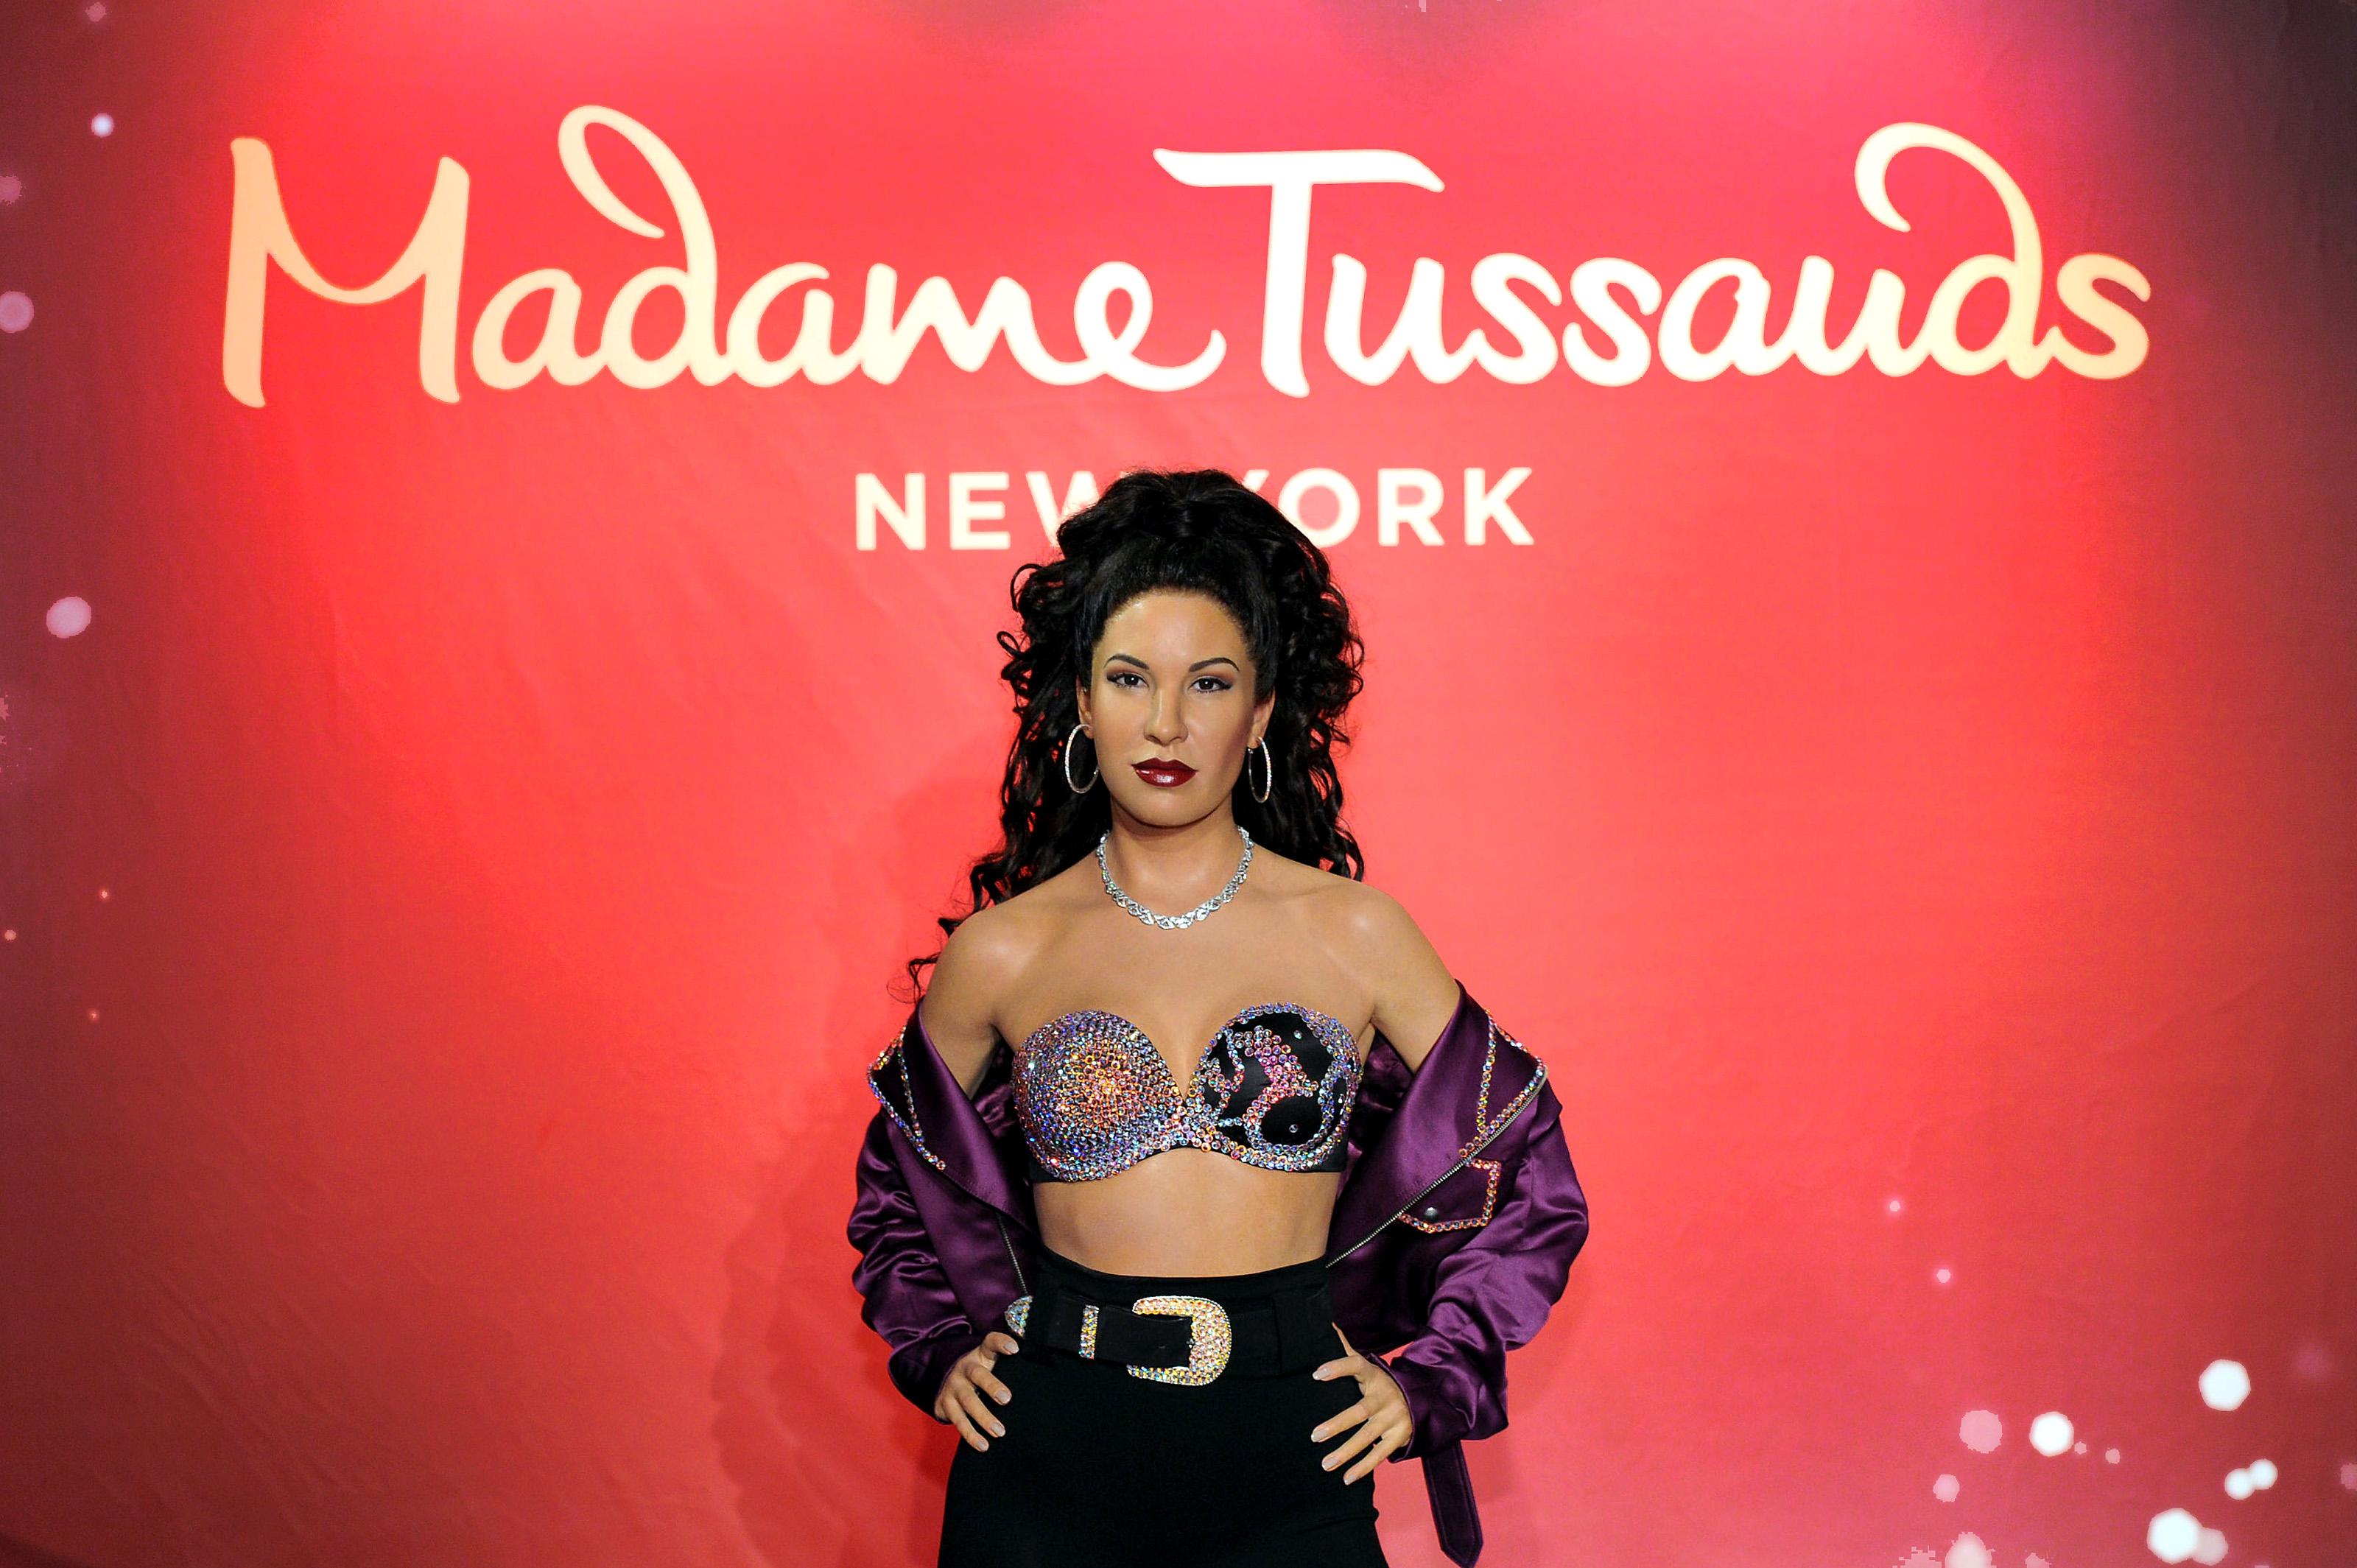 """Селена(снимката е на фигурата на Селена от музия на """"Мадам Тюсо"""") през 1995 г., Селена - известна като """"мексиканската Мадона""""е застреляна от председателя на фен клуба си само на23 години. За краткия си живот певицатапродава над 20 милиона копияот албумите си."""